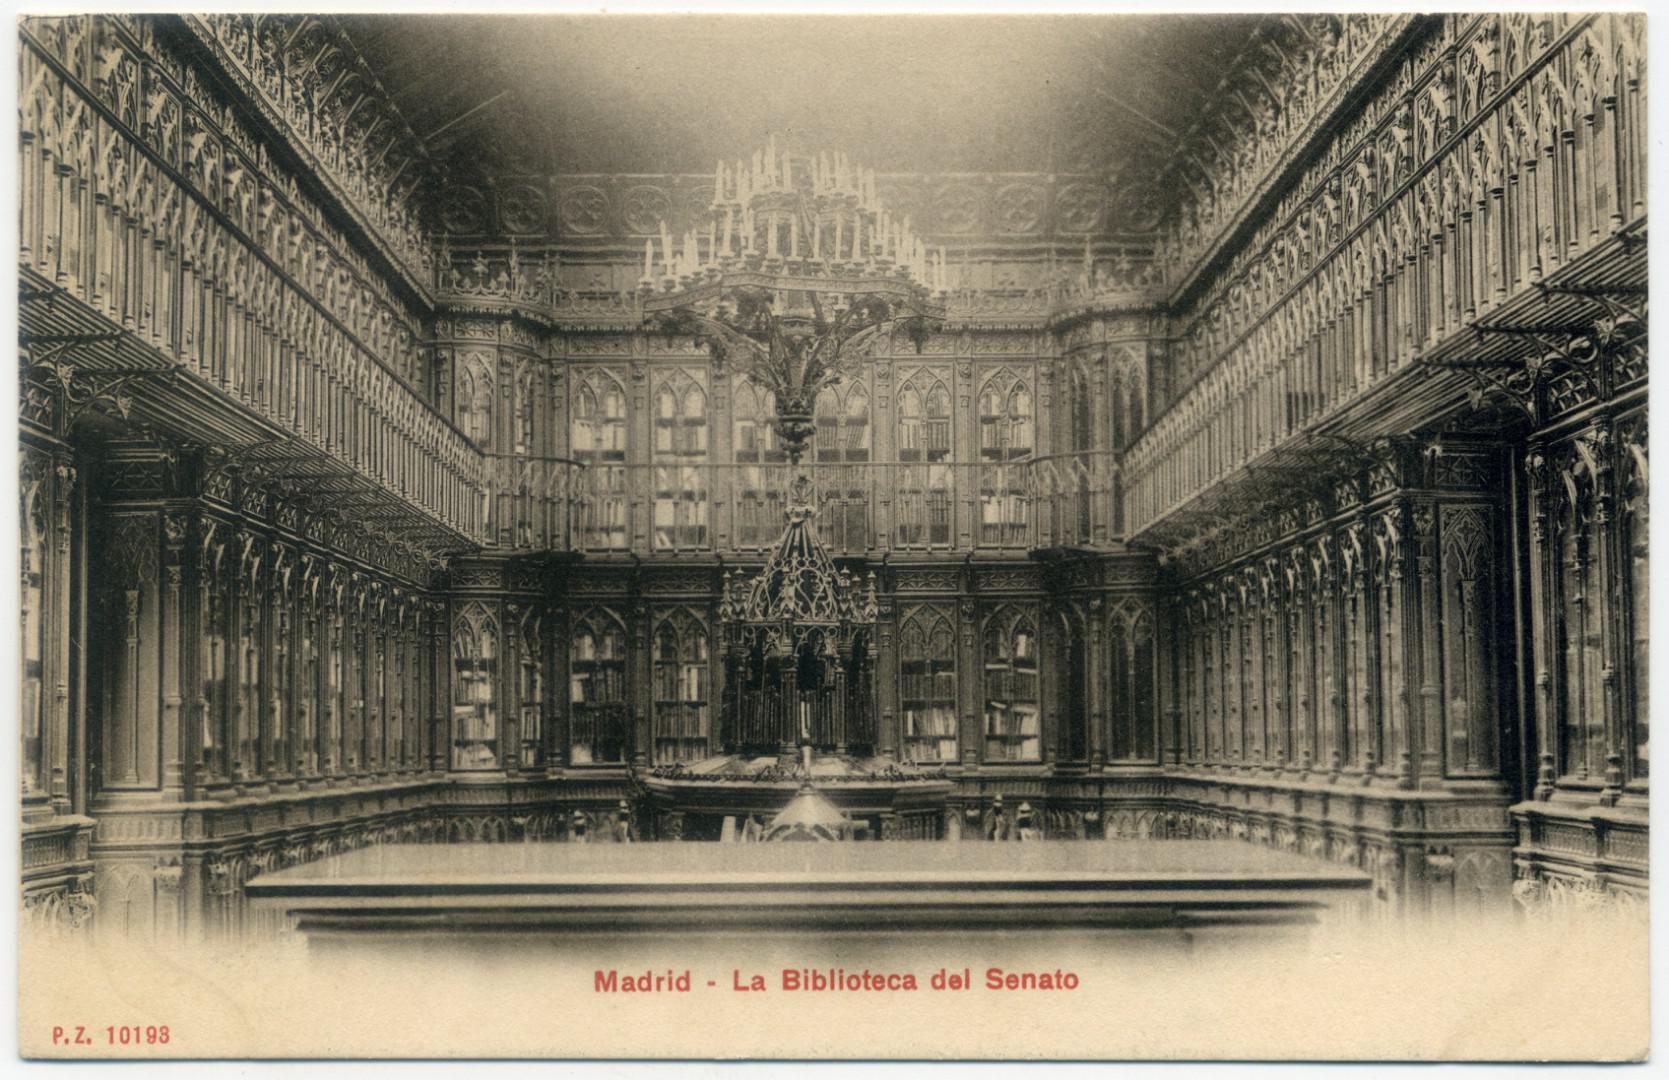 Madrid Biblioteca del Senado